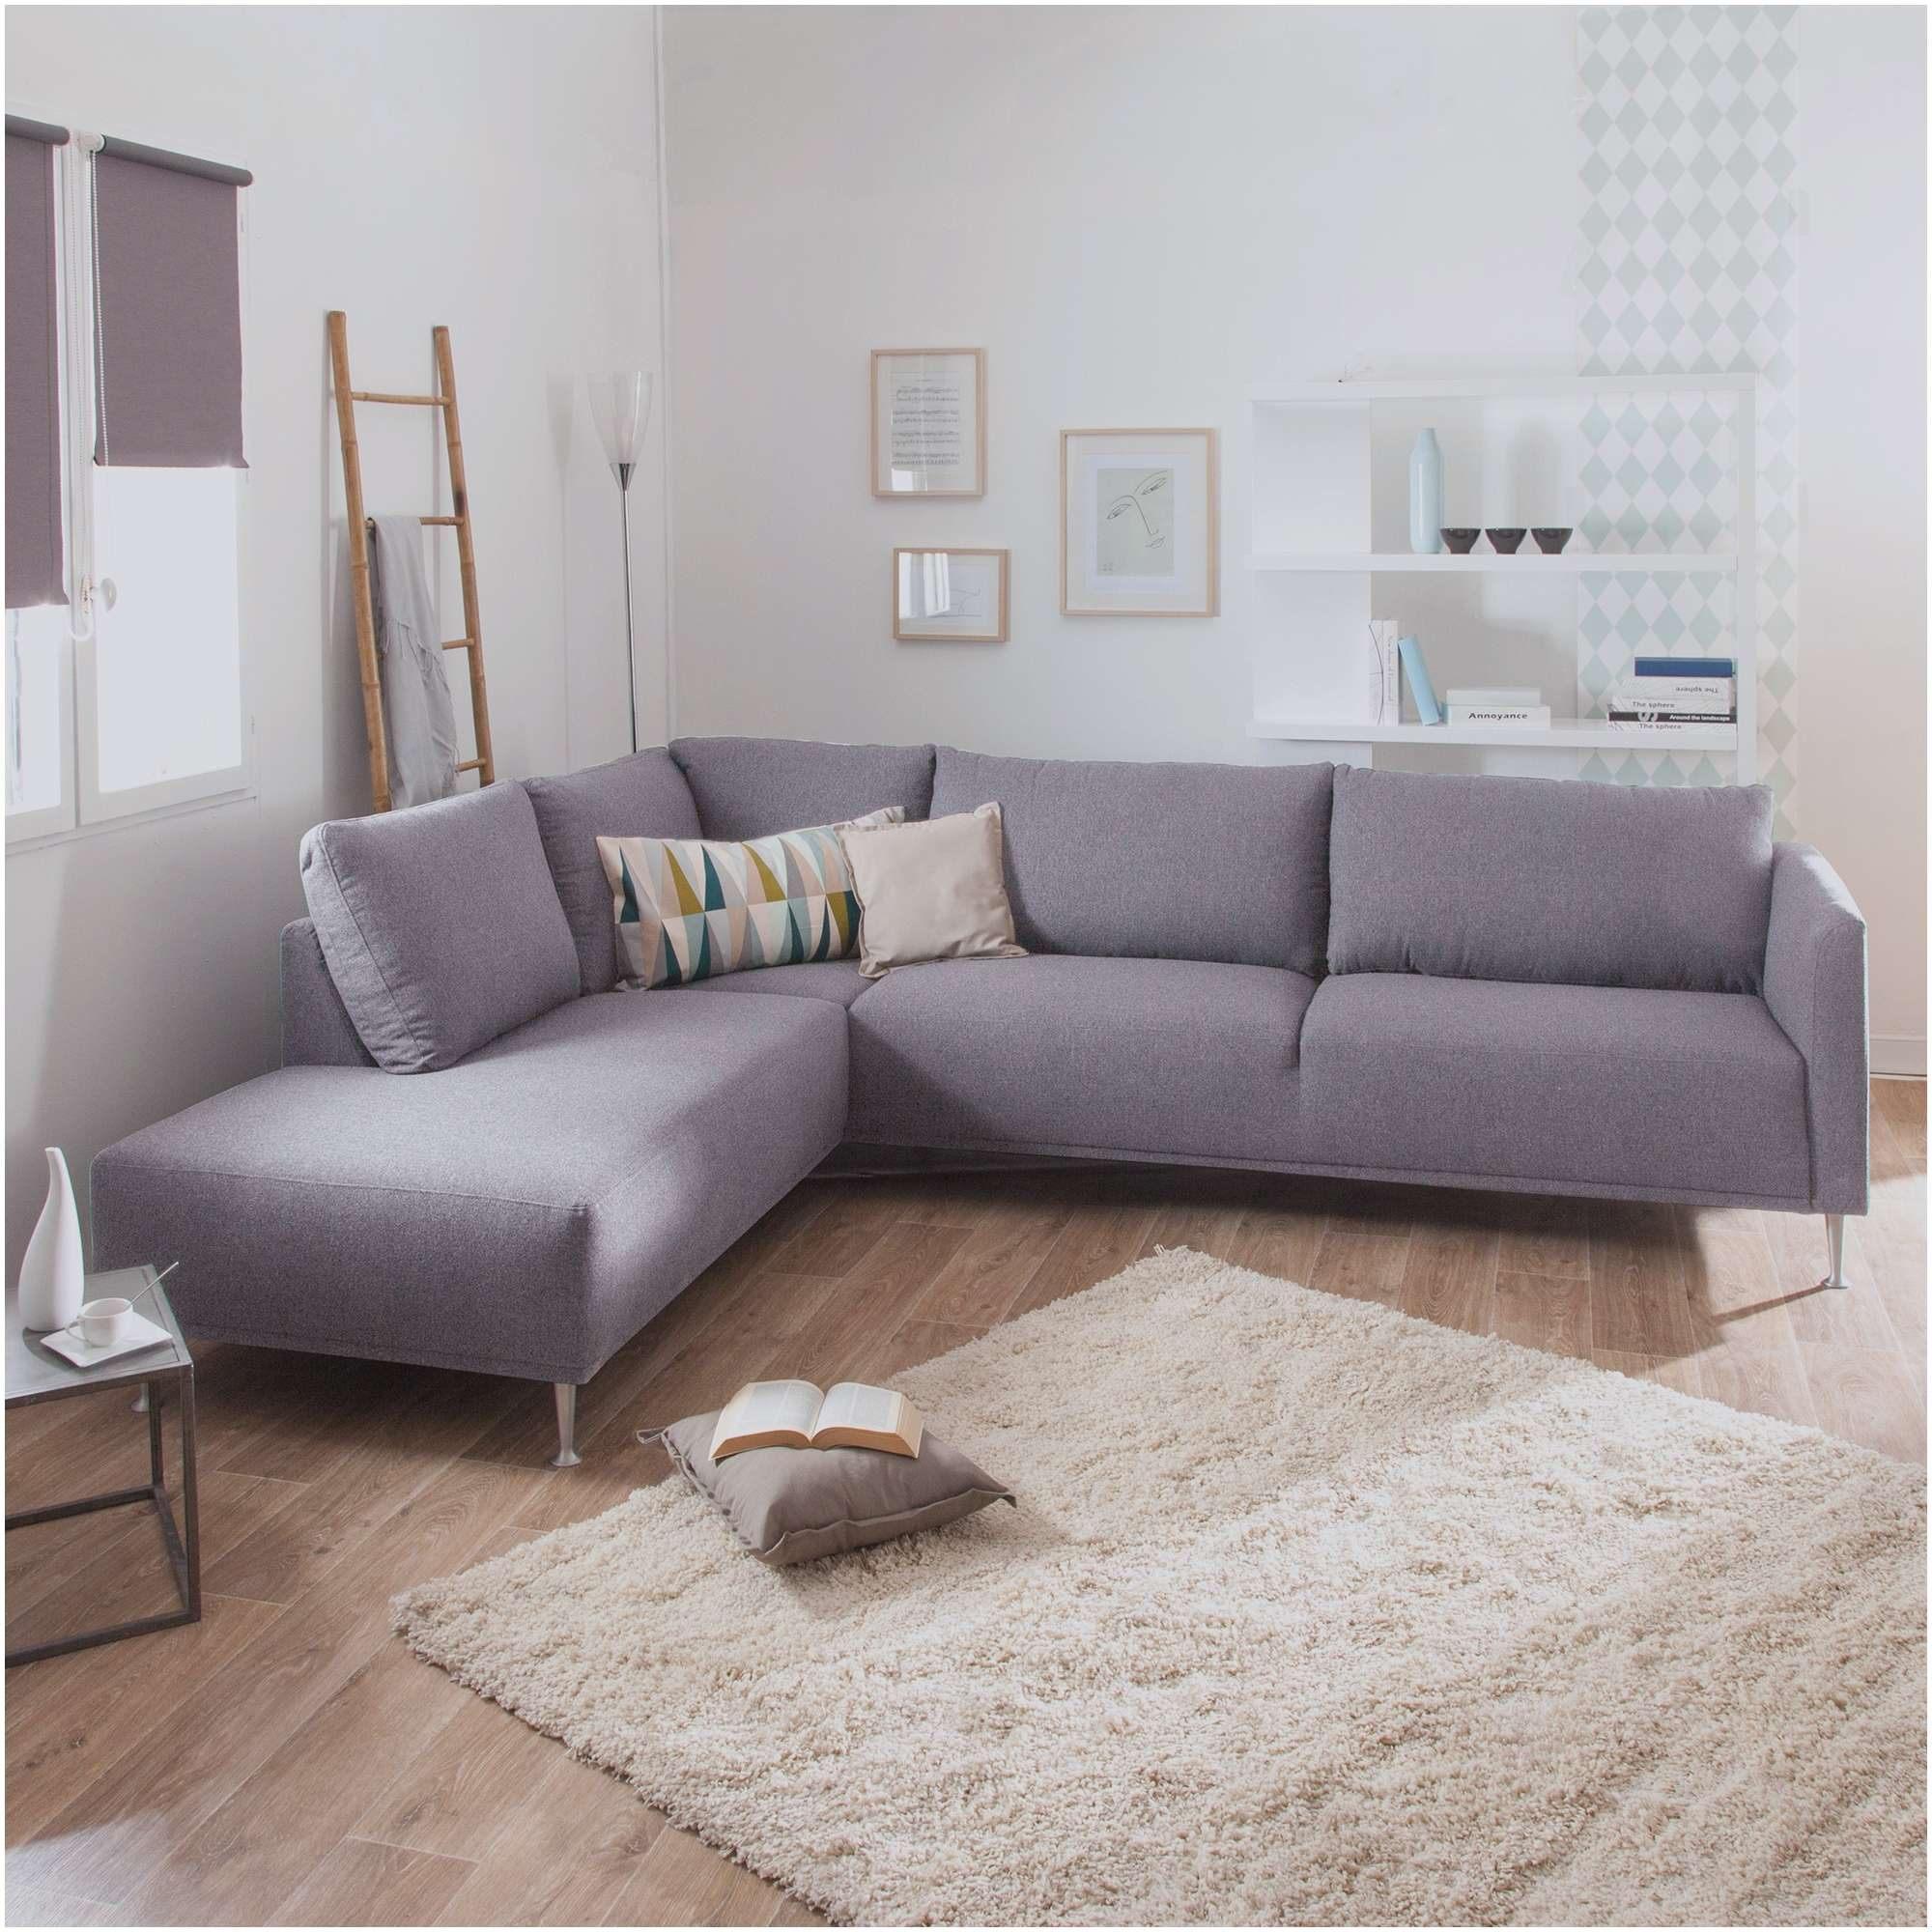 Meilleur Canapé Lit Inspirant Elégant 32 Meilleures Canapé Convertible Simili Cuir Ikea Pour